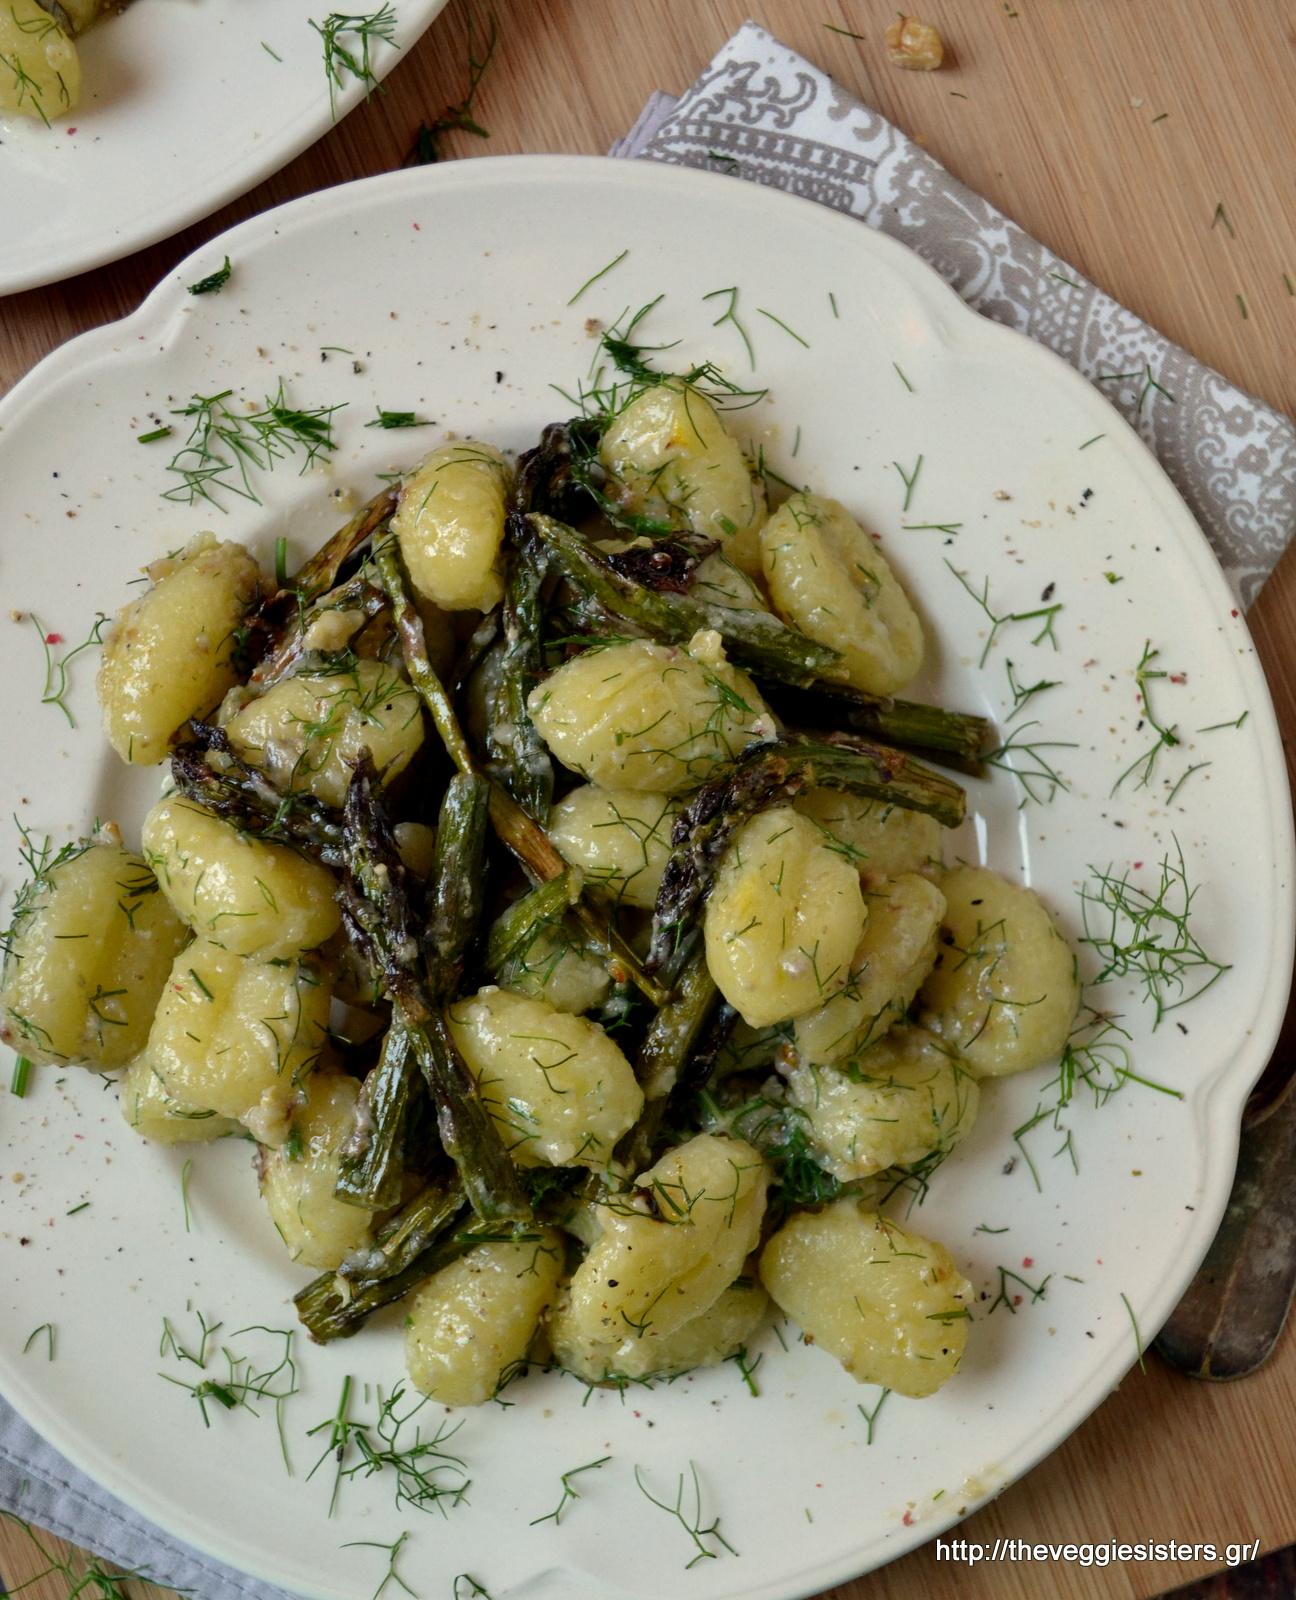 Λεμονάτα νιόκι με ψητά σπαράγγια - Lemony roasted asparagus gnocchi